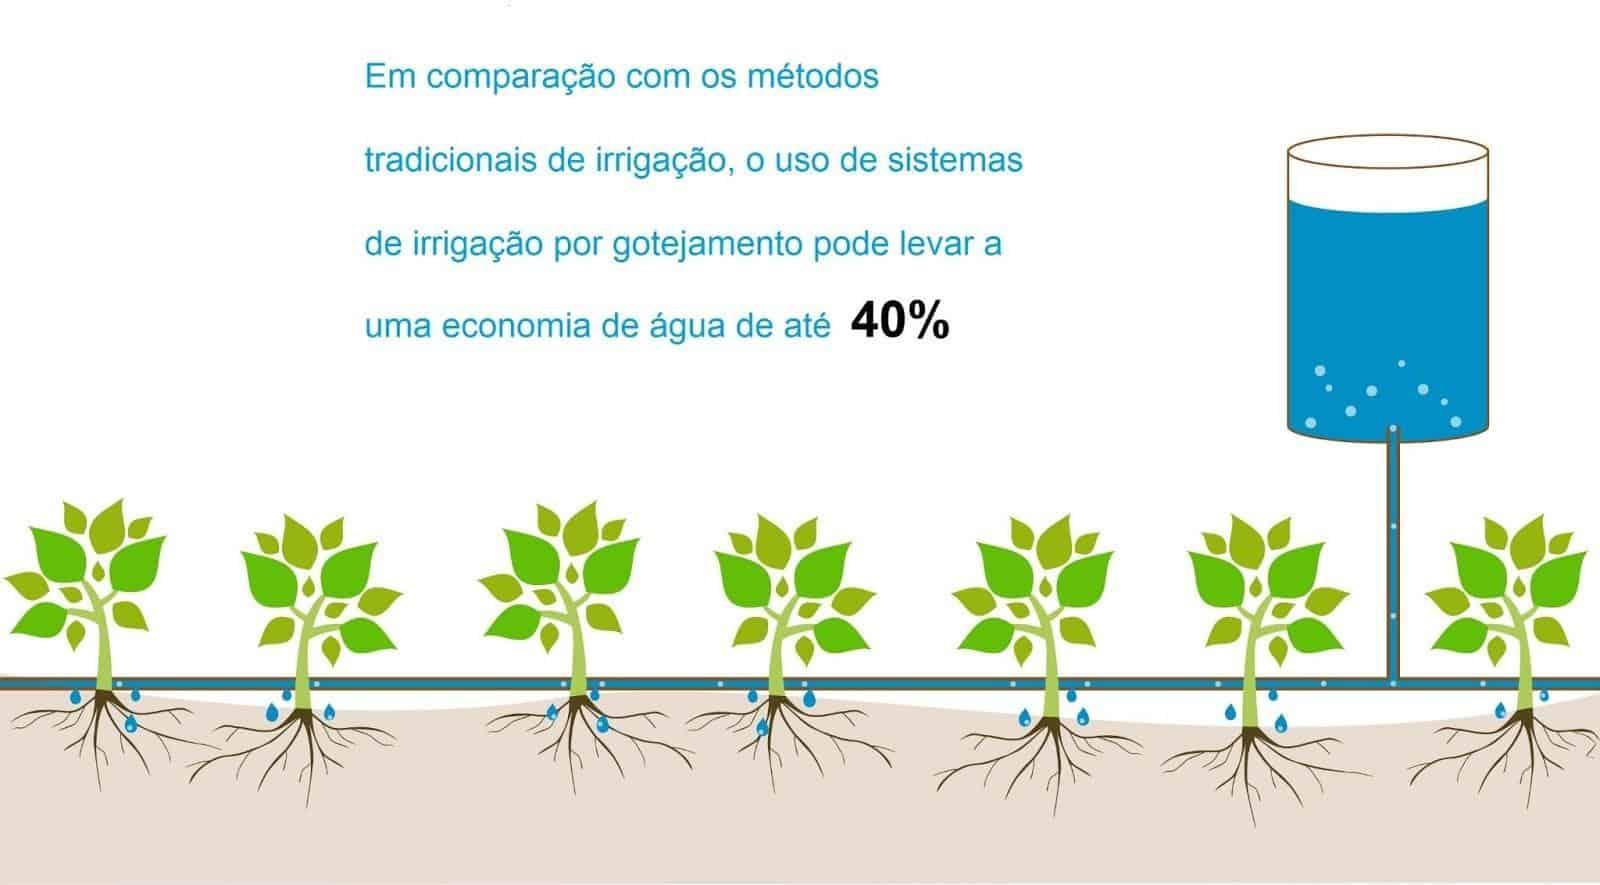 infográfico de uso eficiente da água: tanto a água quanto os defensivos agrícolas podem ser distribuídos por meio de pequenos orifícios nas mangueiras